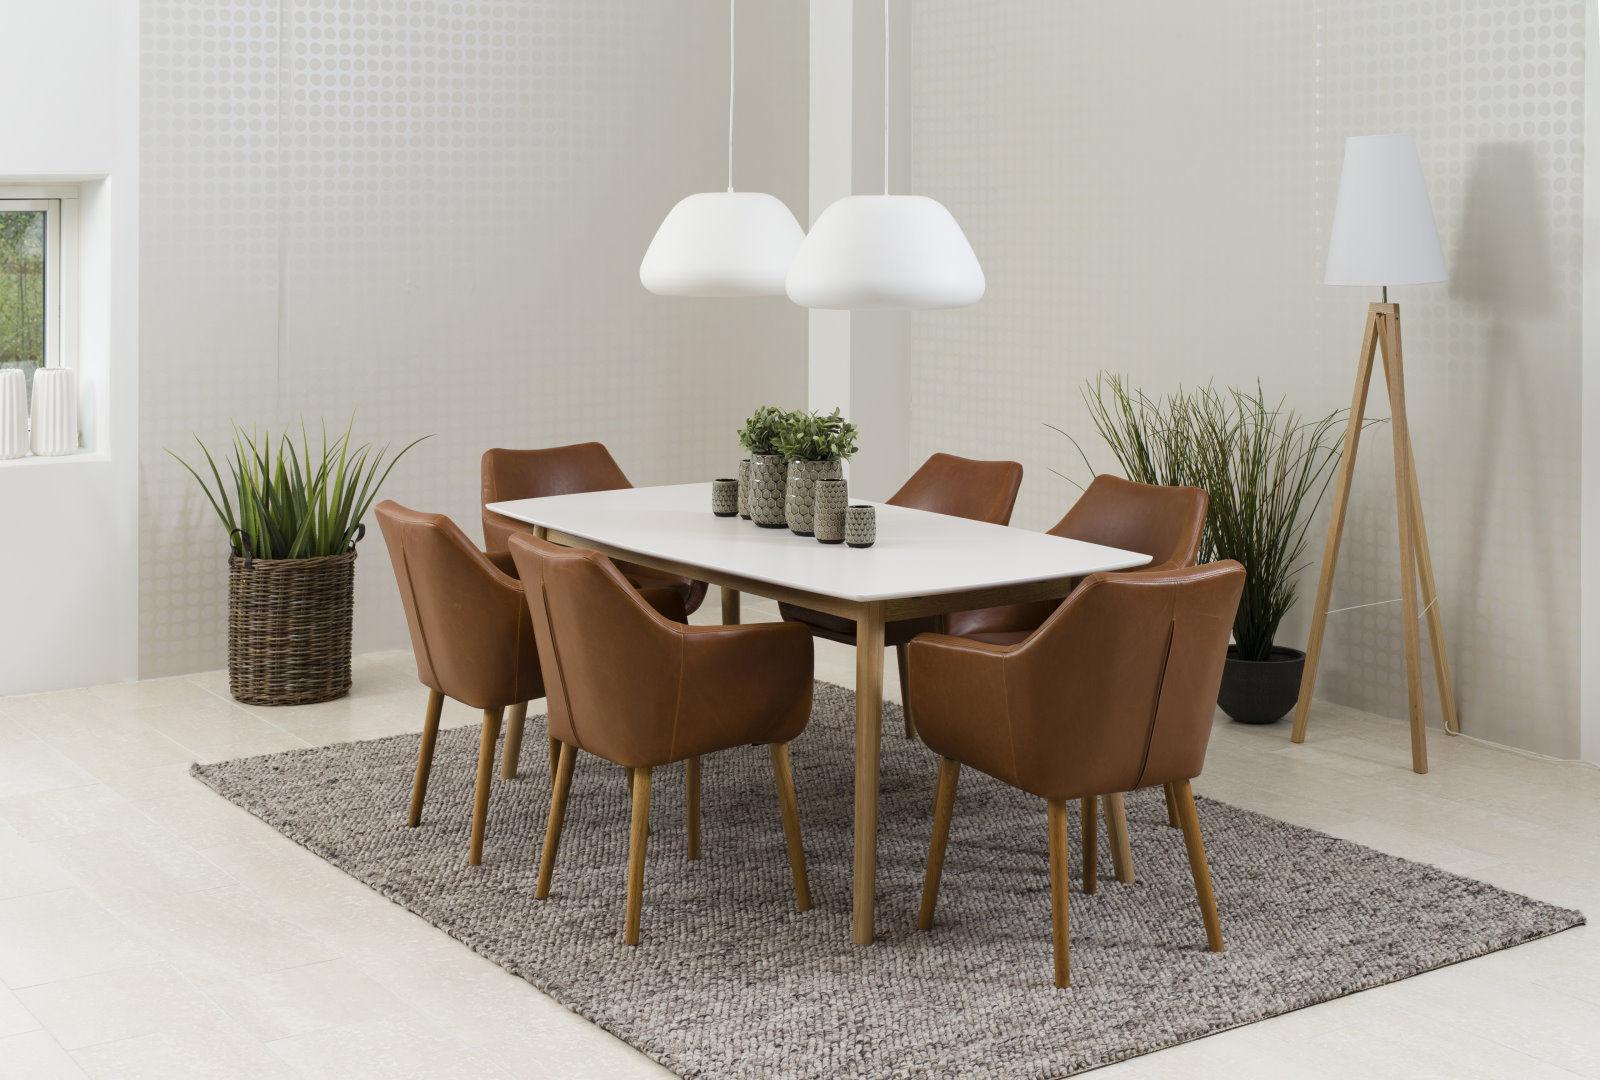 pkline armstuhl in cognac vintage sessel stuhl polsterstuhl armsessel retro ebay. Black Bedroom Furniture Sets. Home Design Ideas